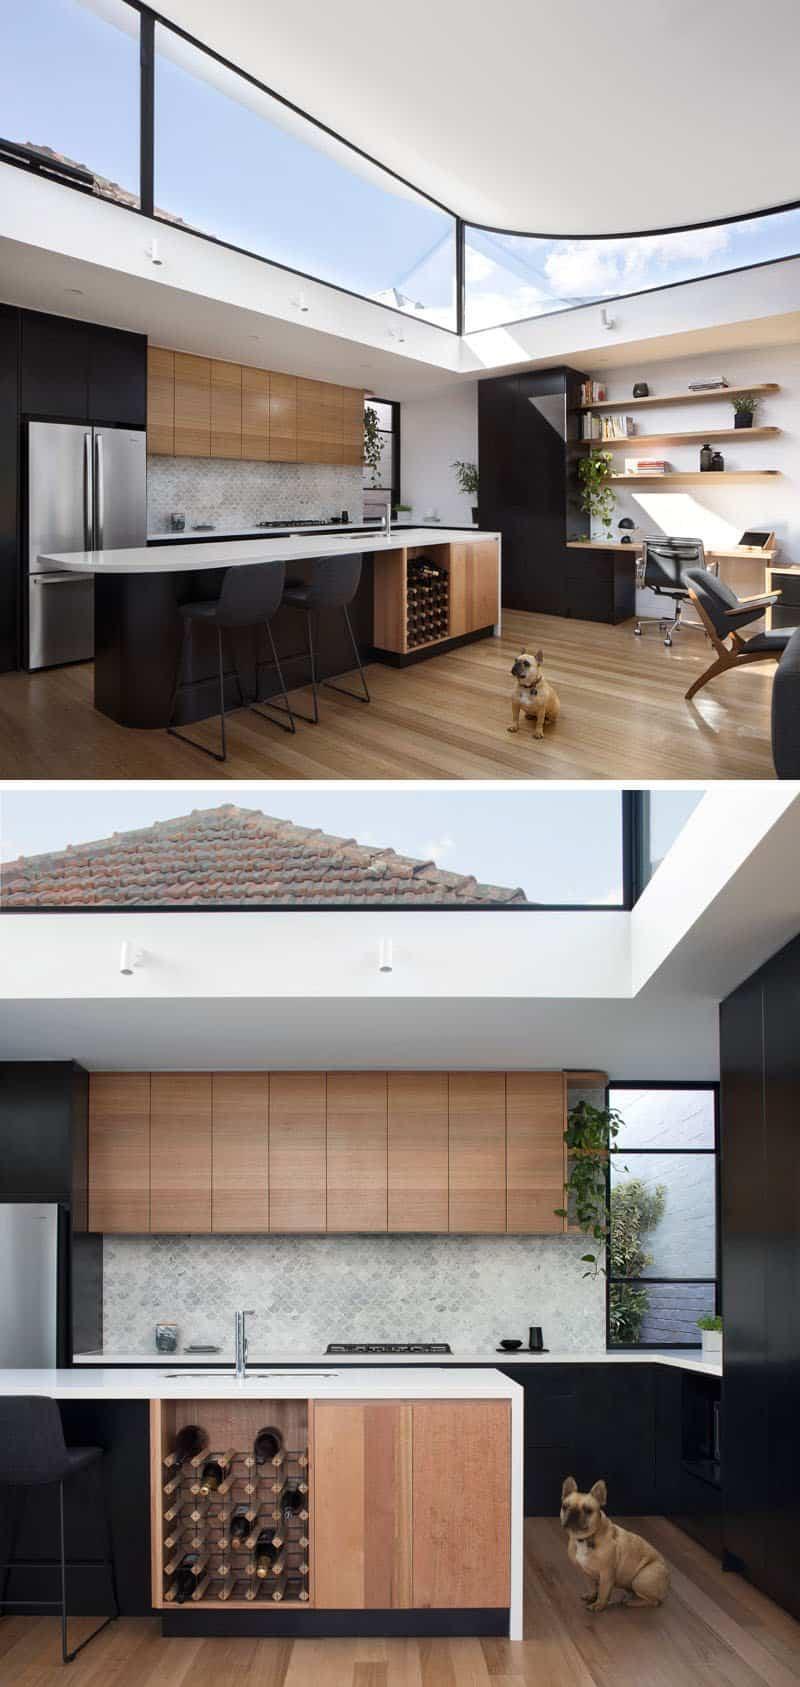 casa con techo curvo 5